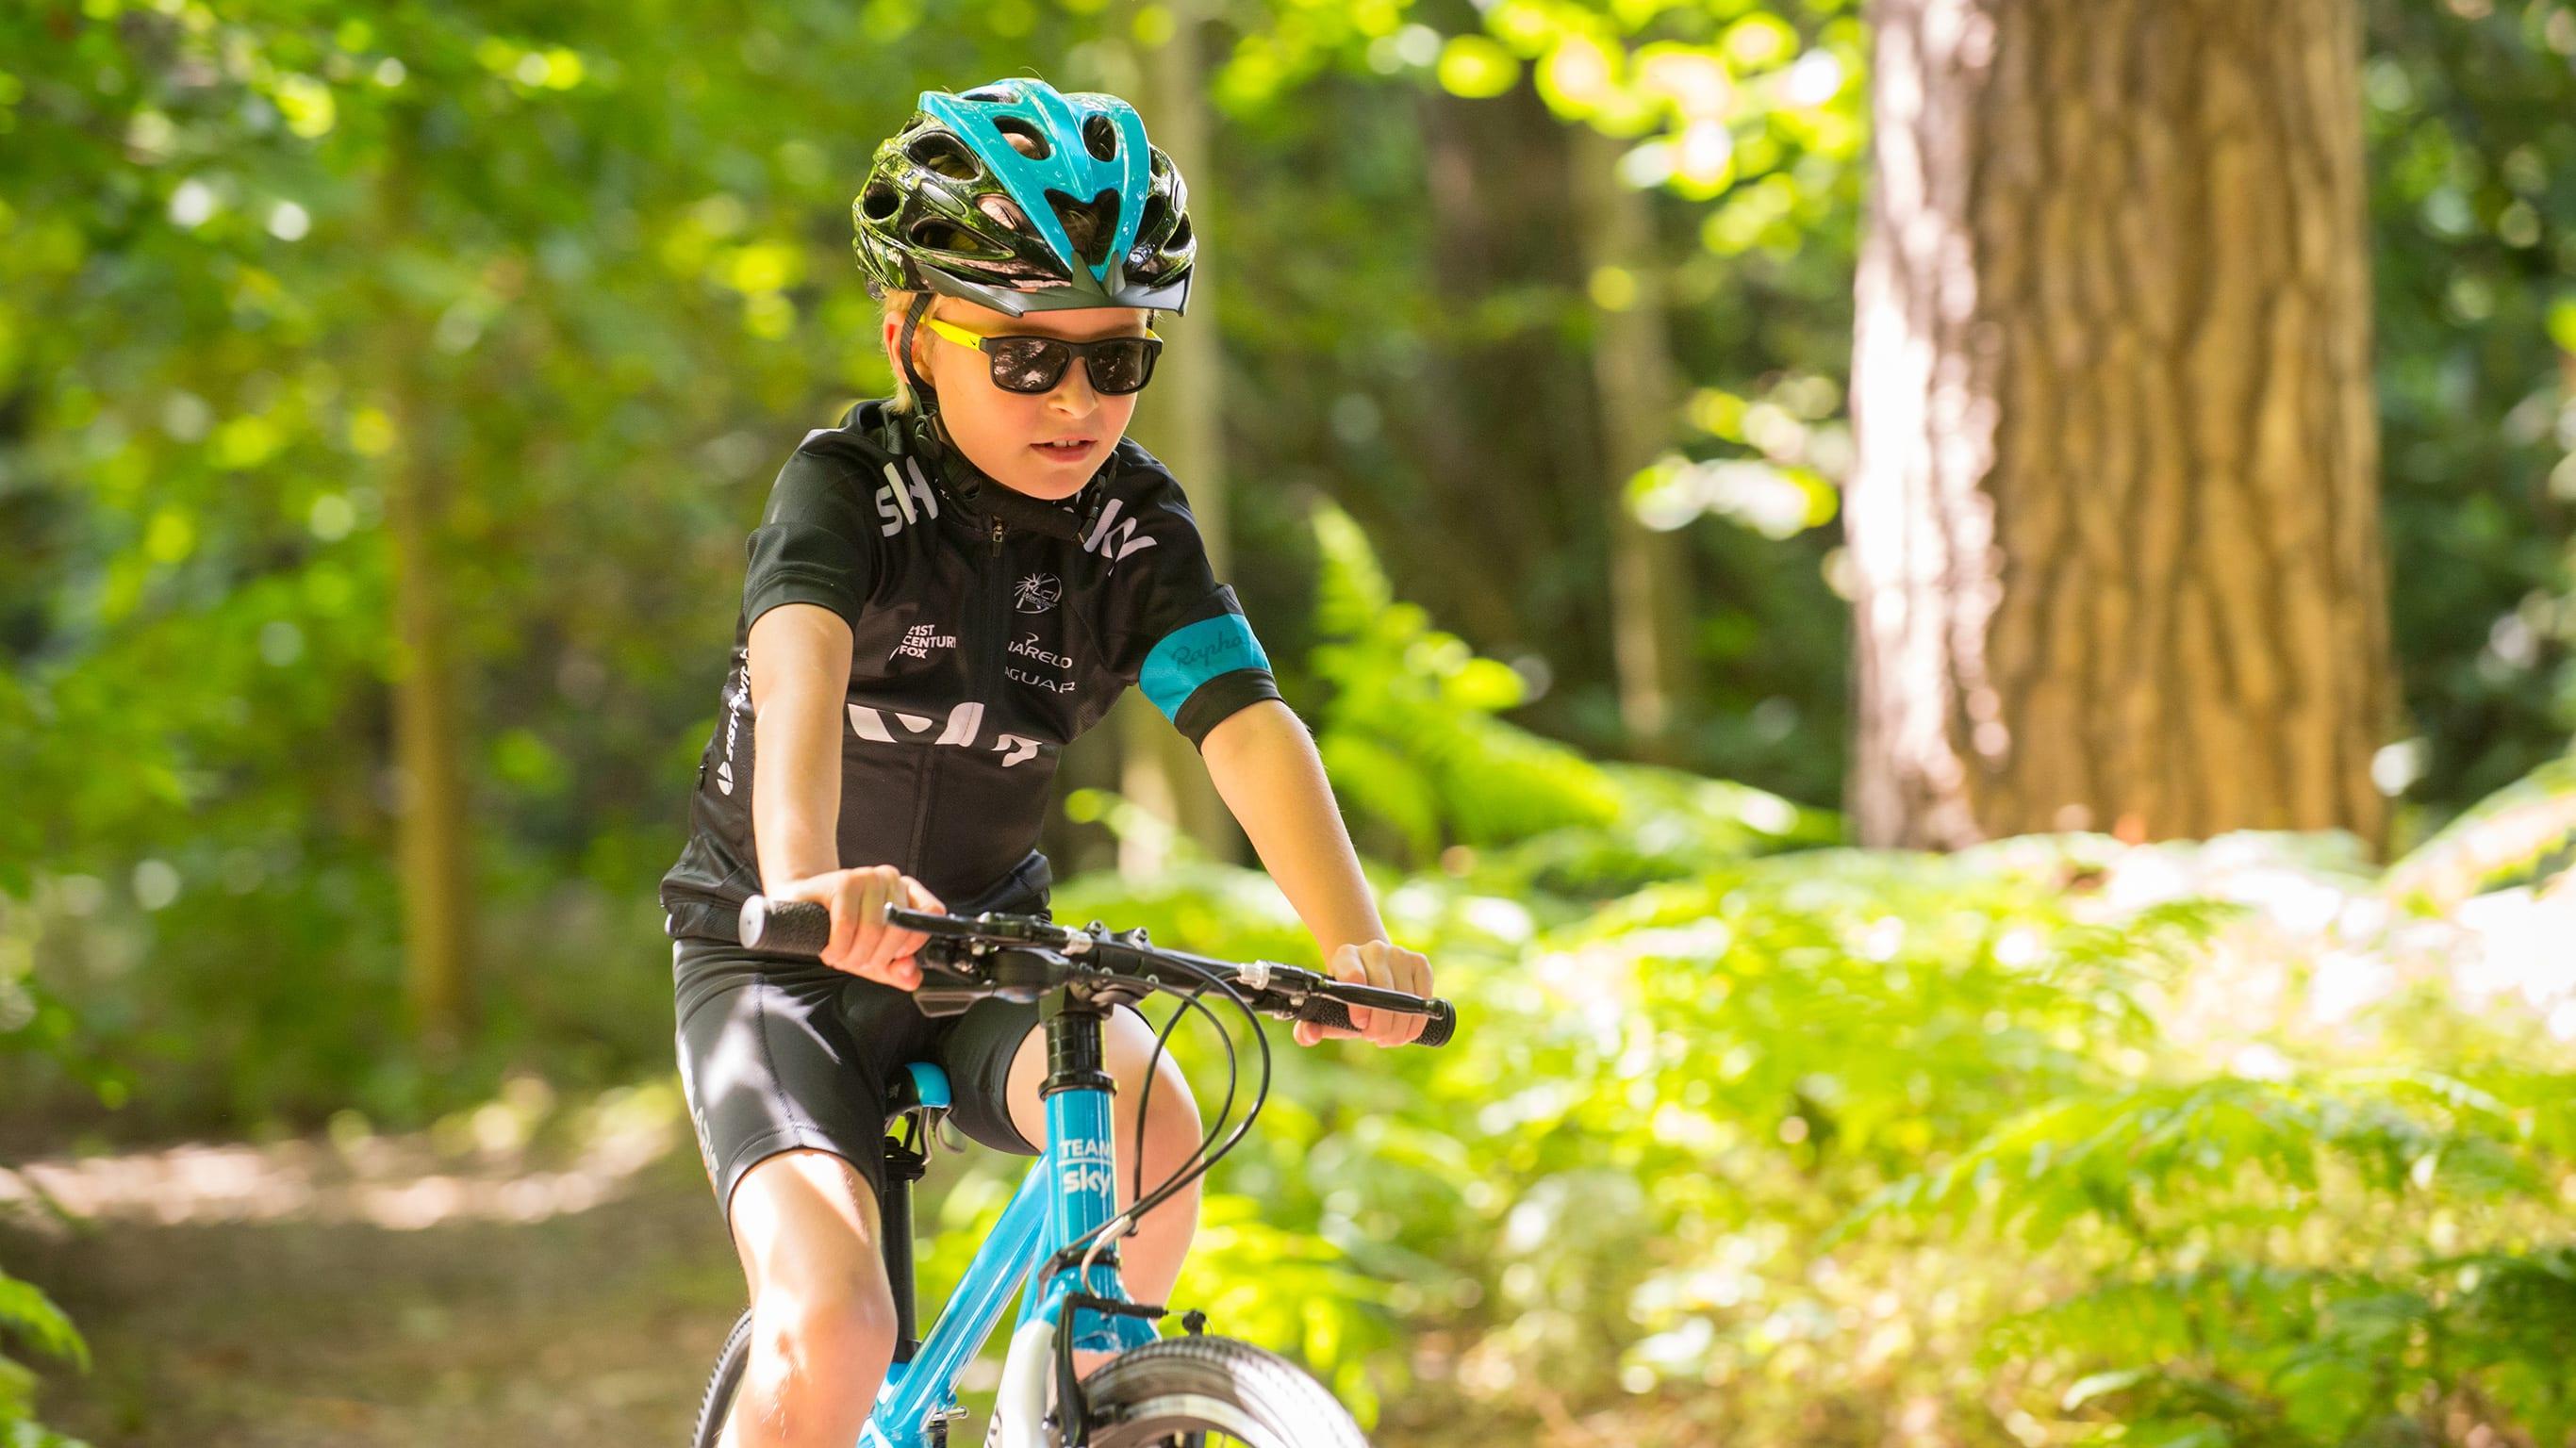 Фото дети на велосипеде летом